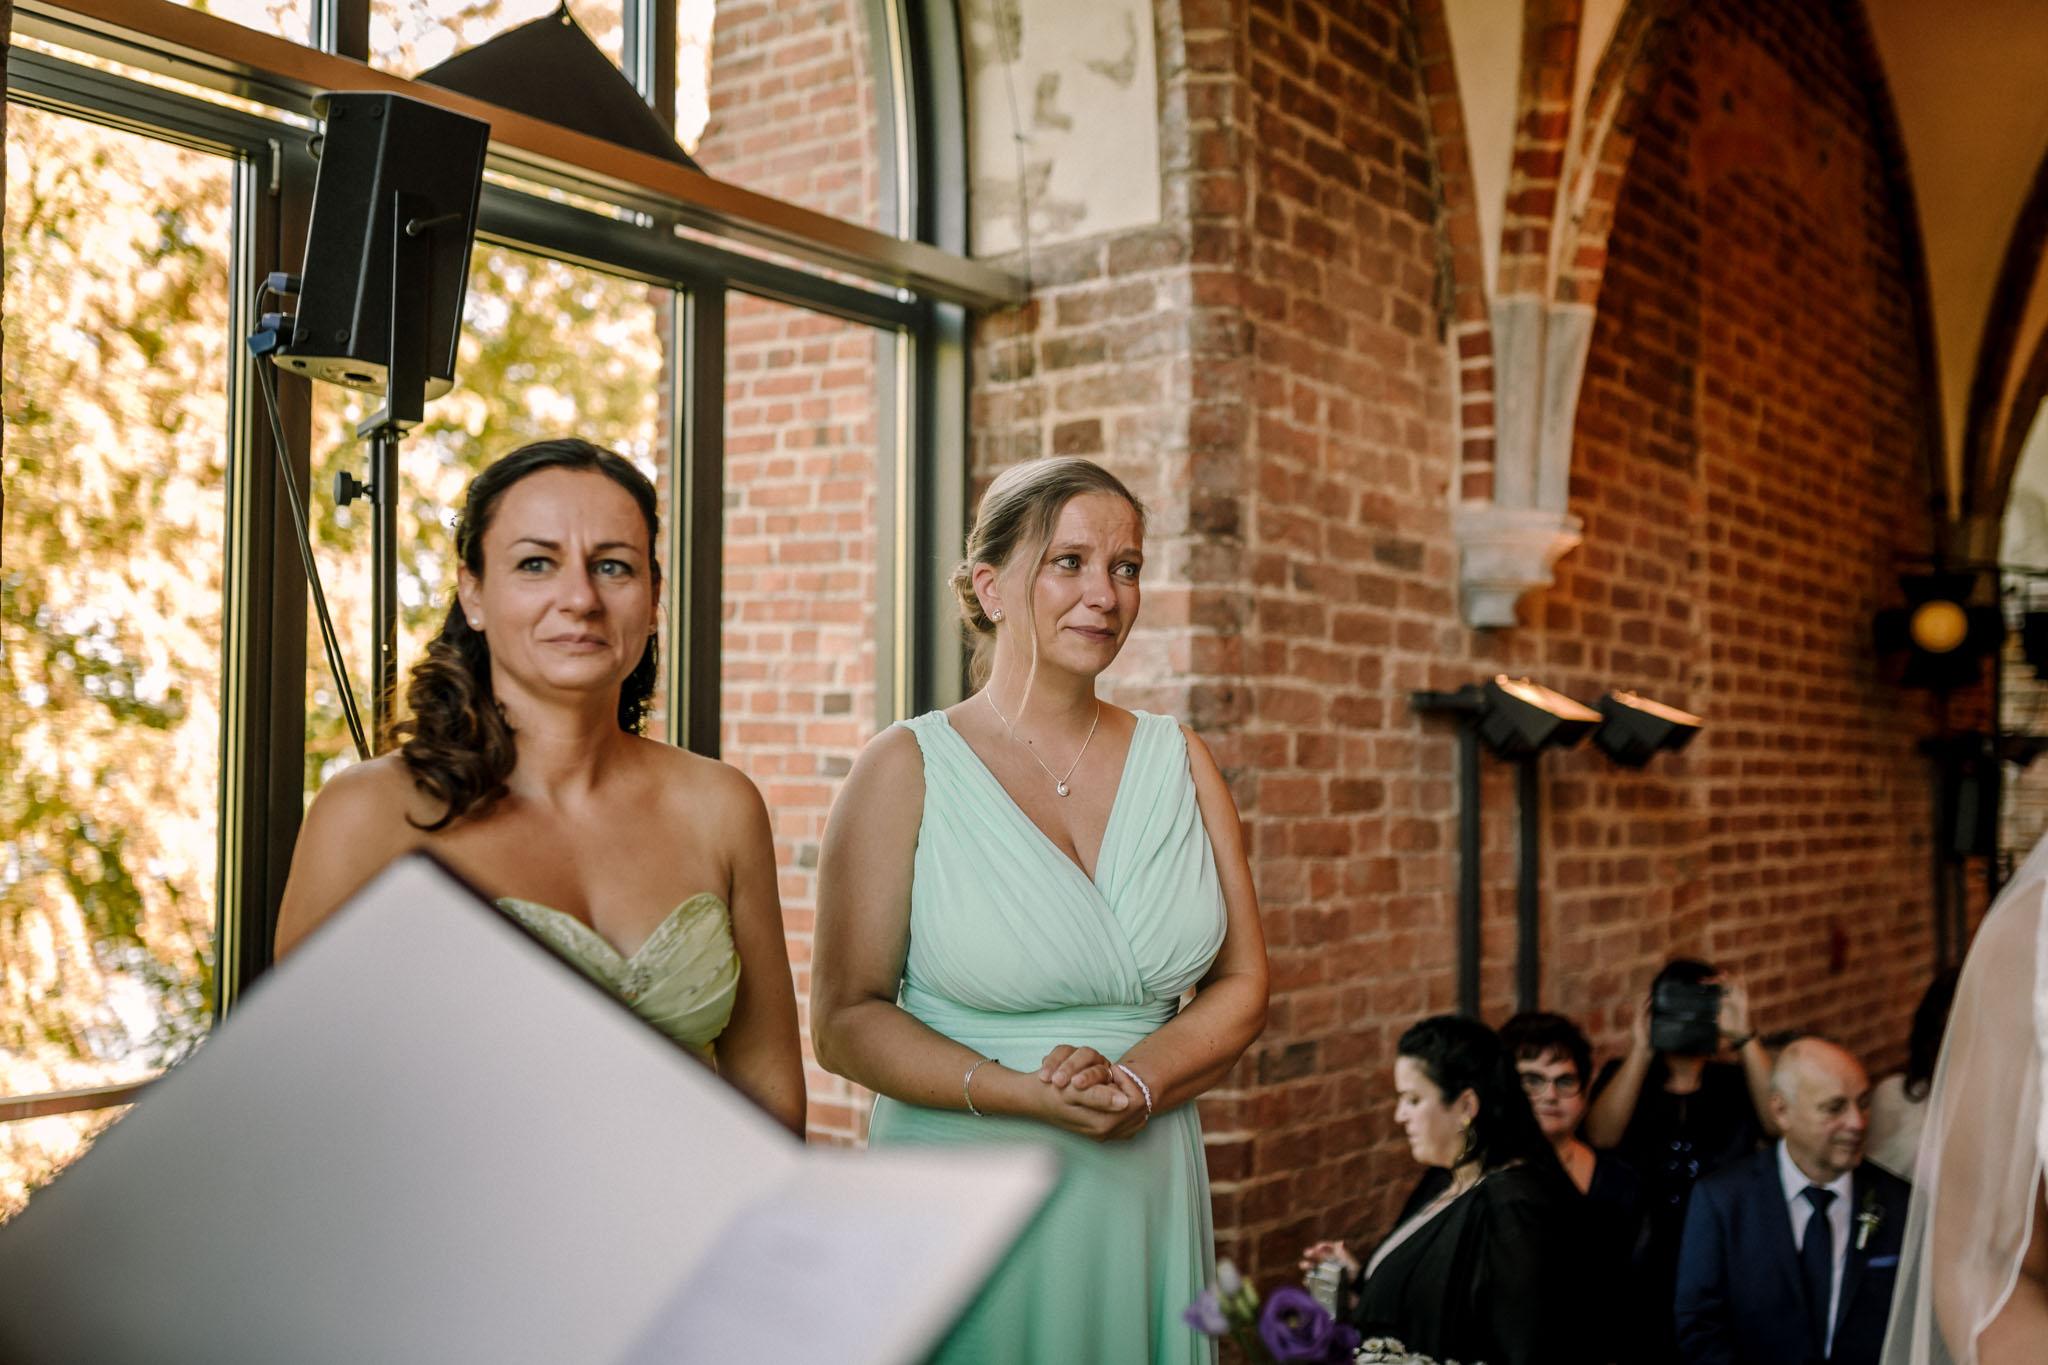 Hochzeitsfieber by Photo-Schomburg, Hochzeitsfotograf, Hamburg,Hochzeitstag, Hochzeitspaar, Braut, Bräutigam, Literaturhauscafe Zarrentin-33